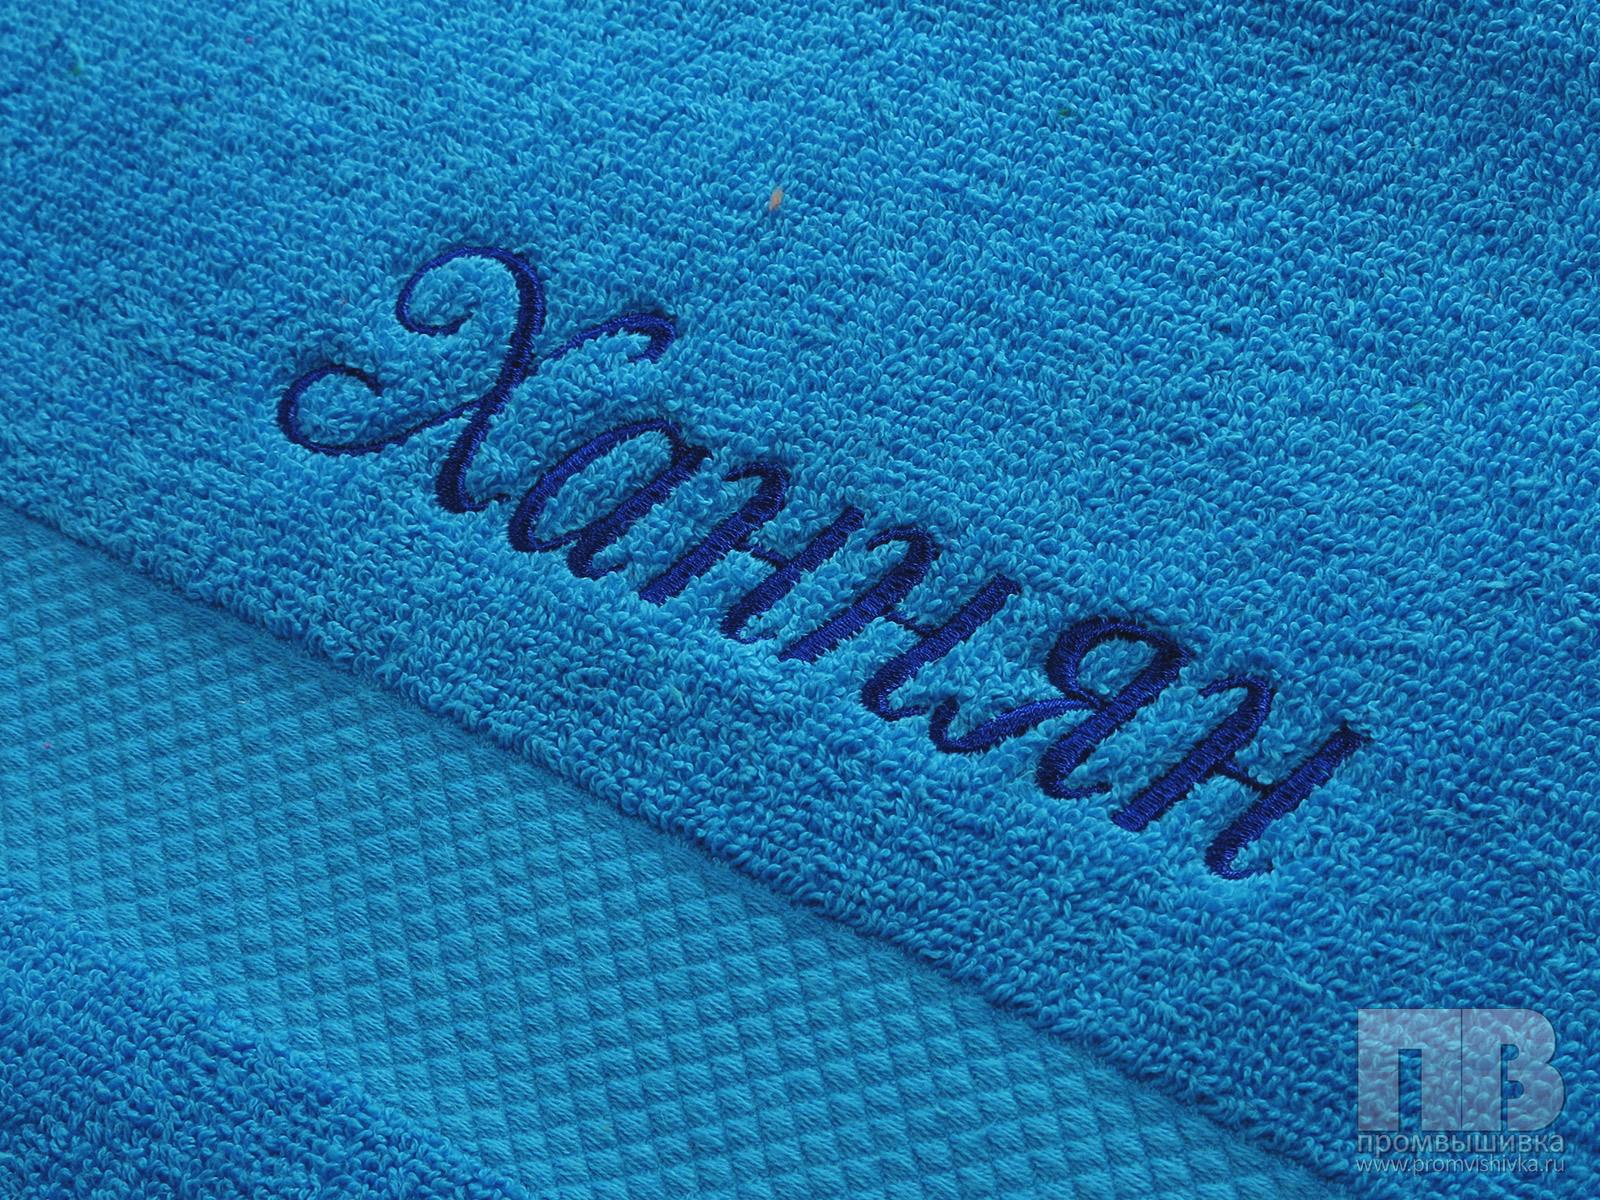 Компьютерная вышивка на полотенце 79